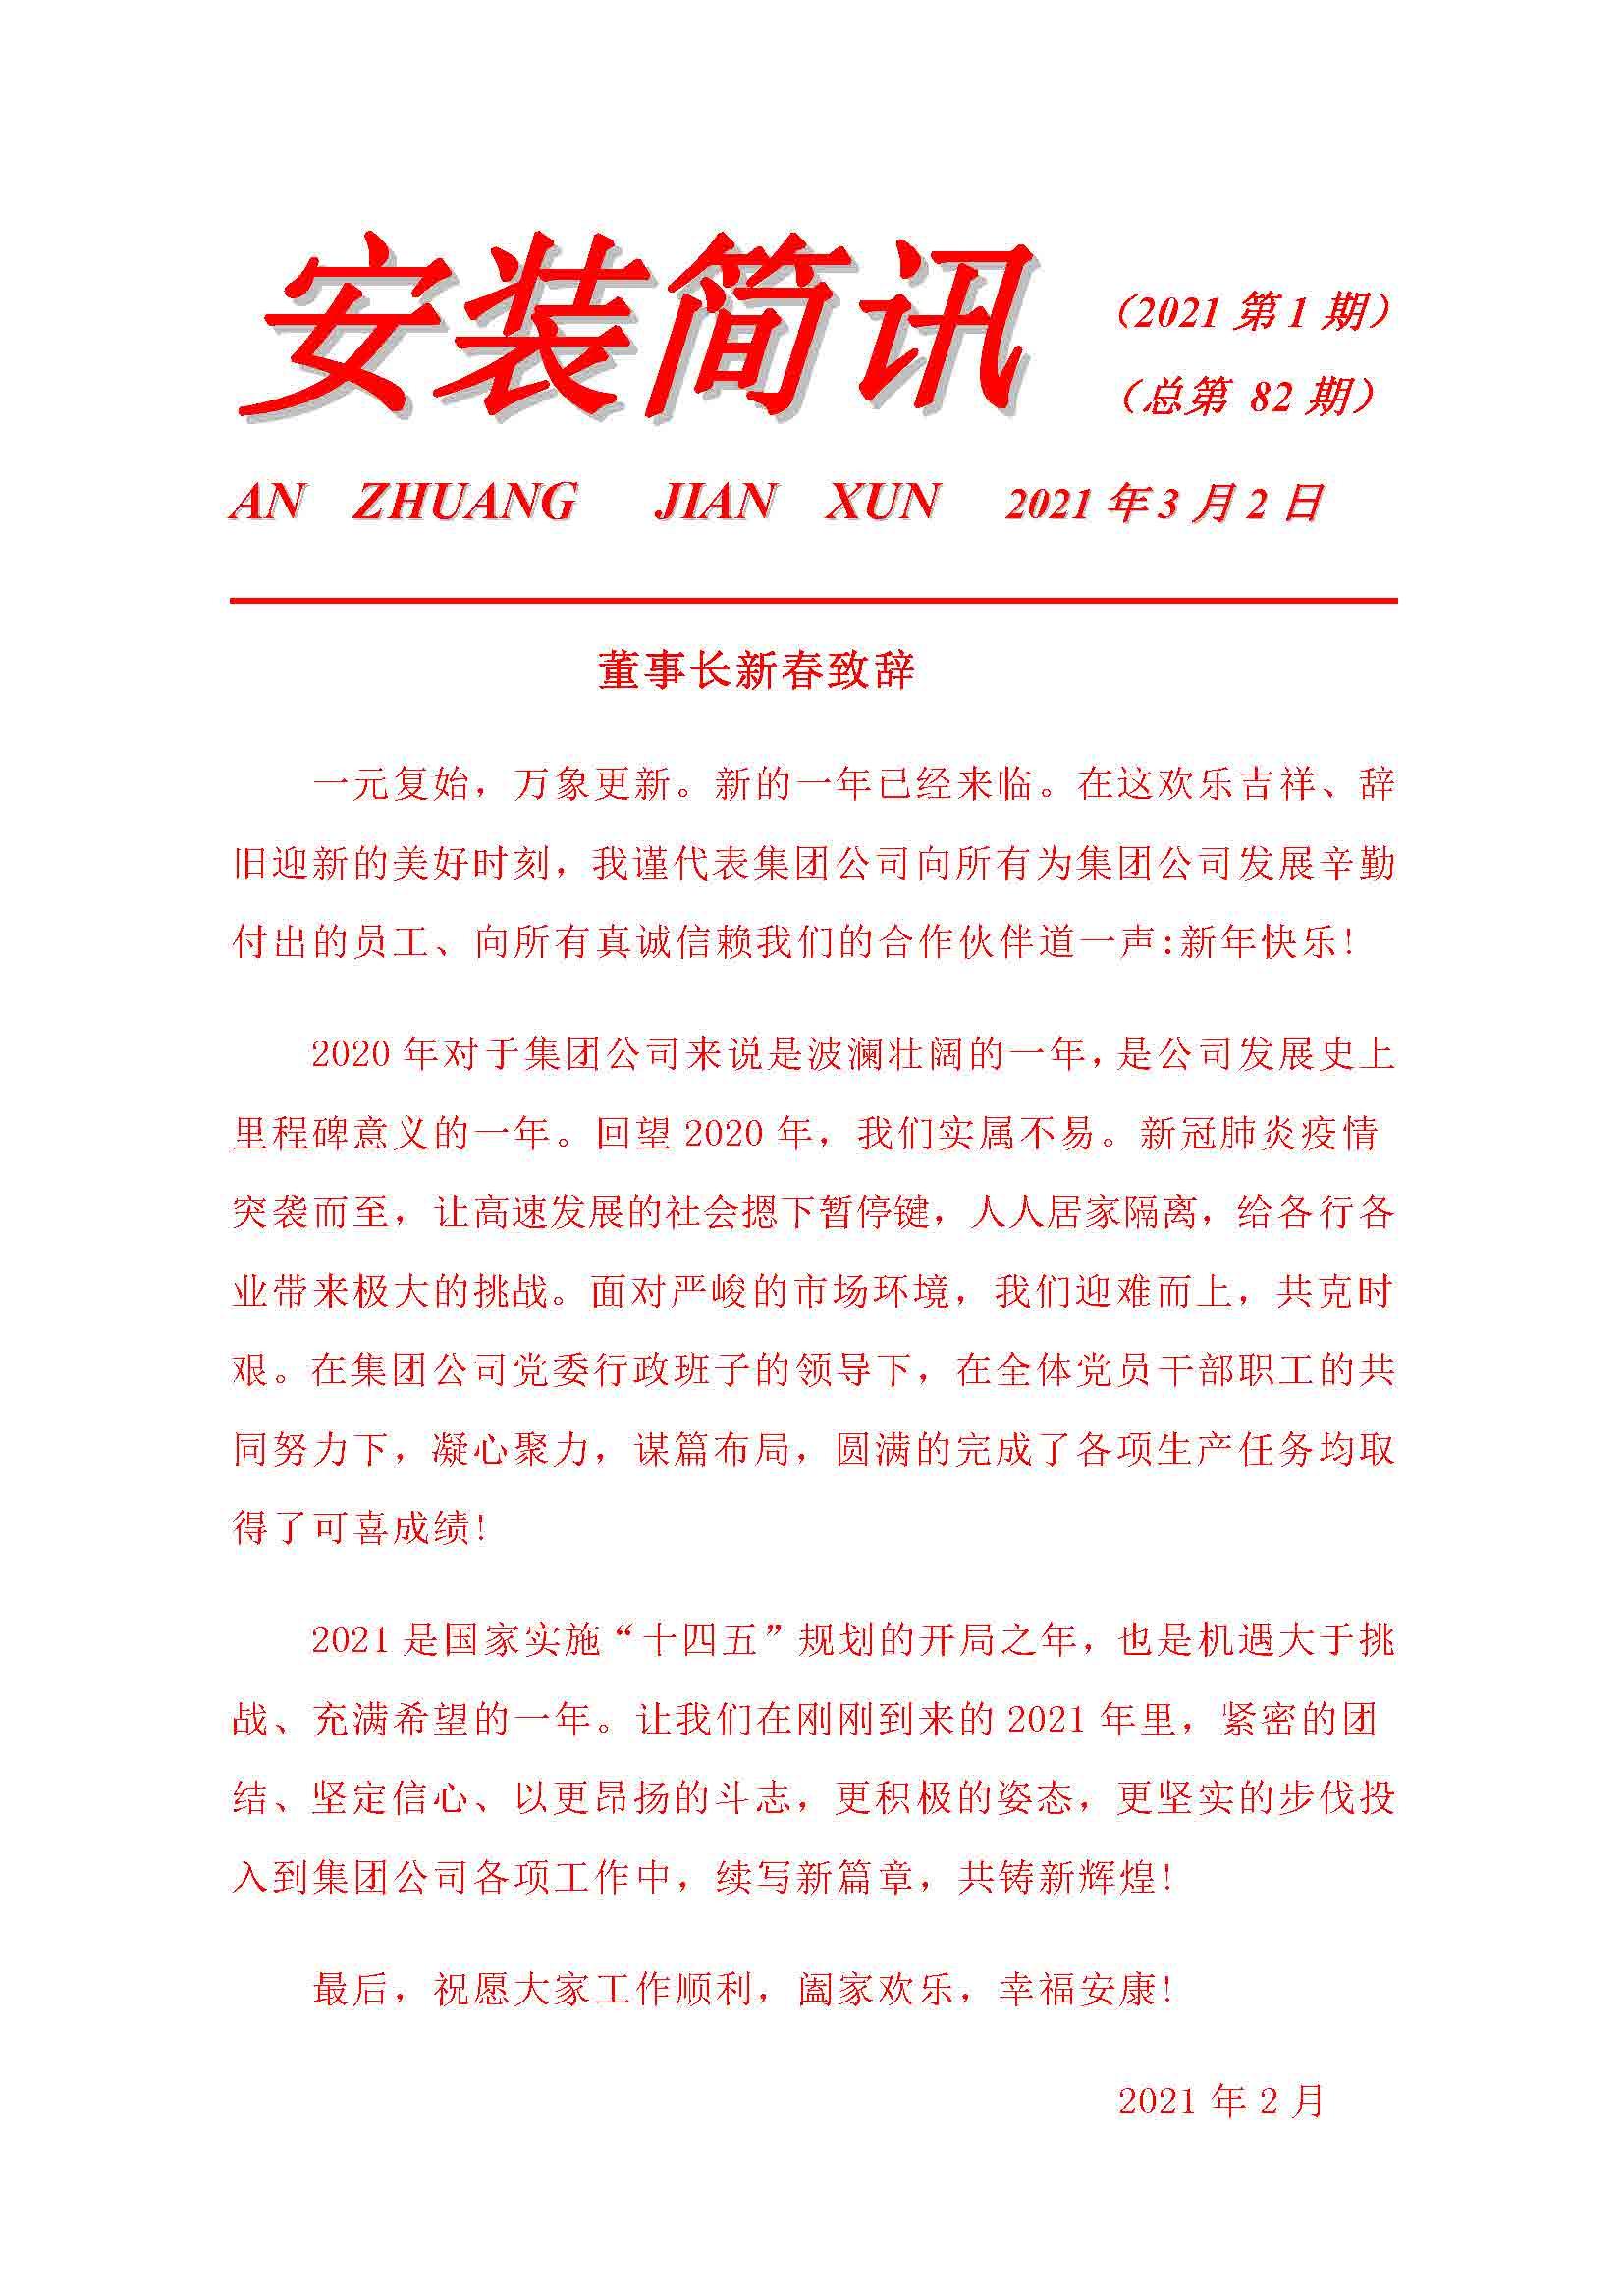 2021年安装上海快三走势图表第1期(图1)